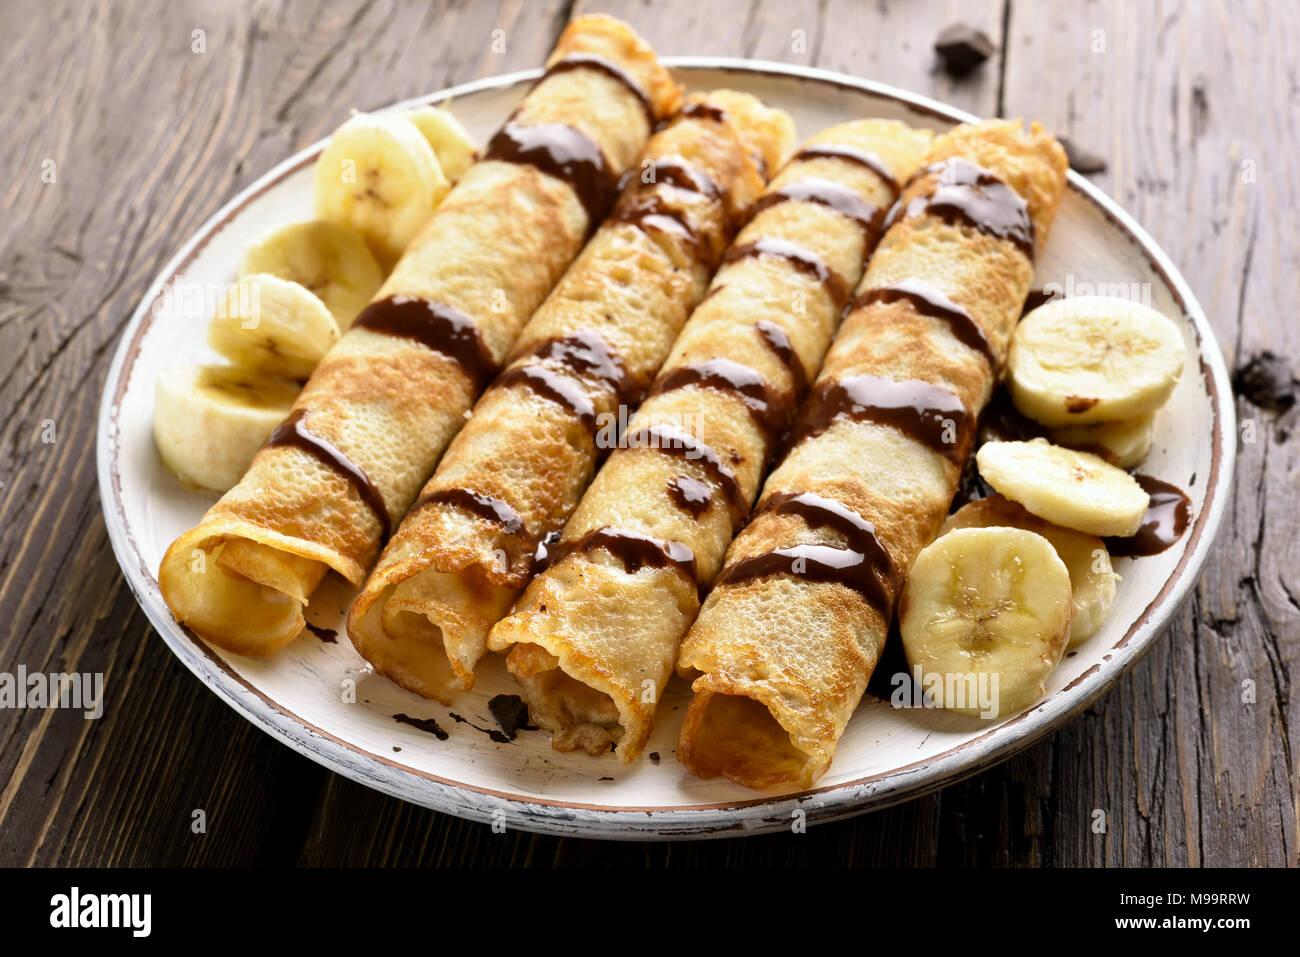 Leckere Crêpe-Rolle mit Bananenscheiben und Schokoladensauce auf Holz- Hintergrund. Nähe zu sehen. Stockbild